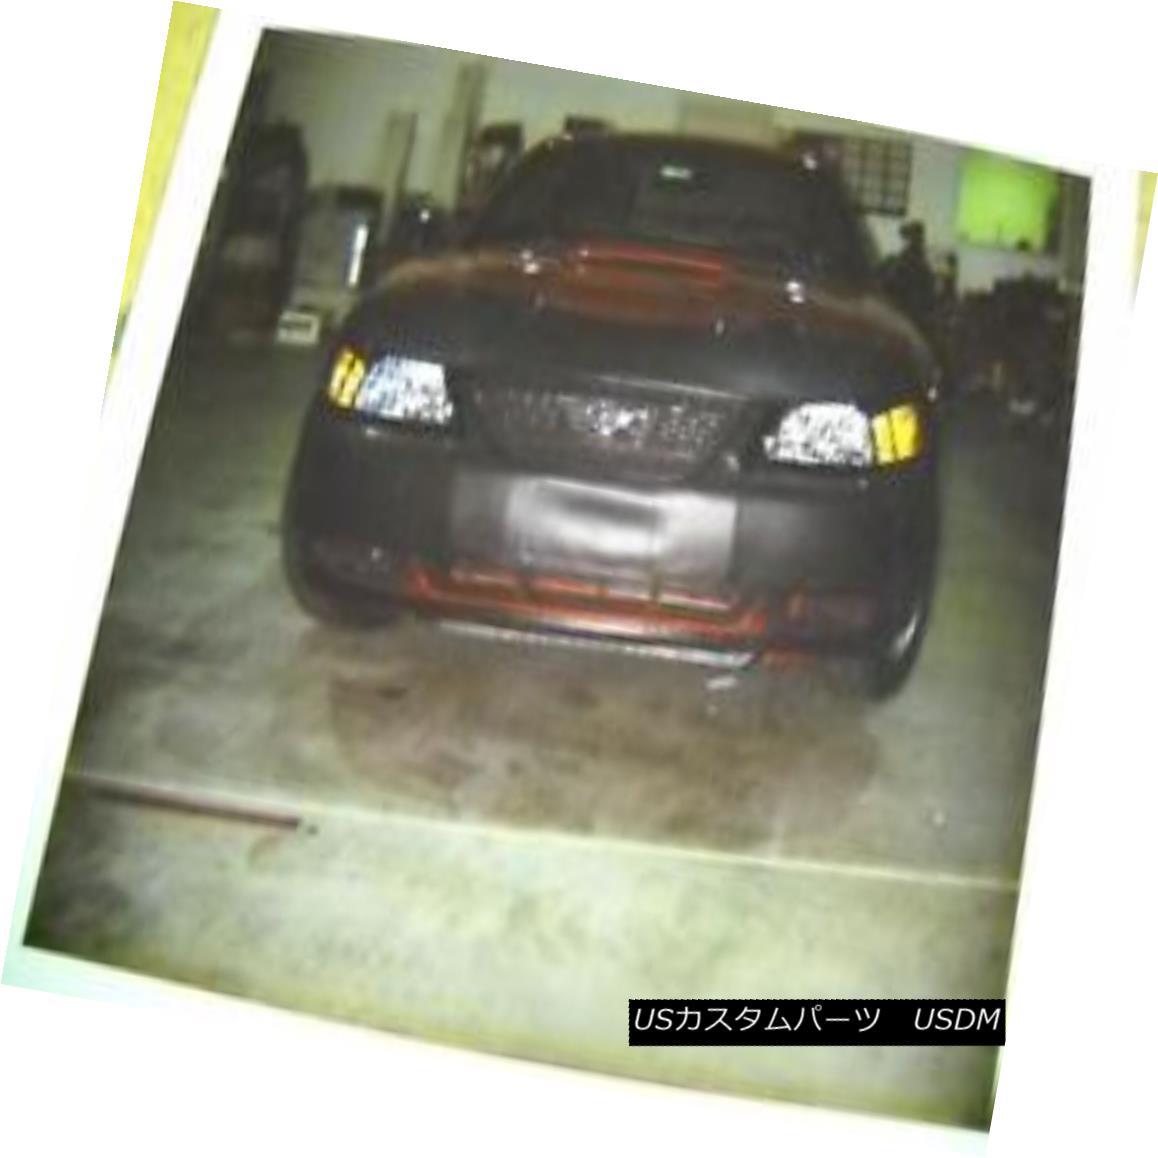 フルブラ ノーズブラ Lebra Front End Mask Cover Bra Fits Ford Mustang 1999-2004 LebraフロントエンドマスクカバーブラはFord Mustang 1999-2004に適合